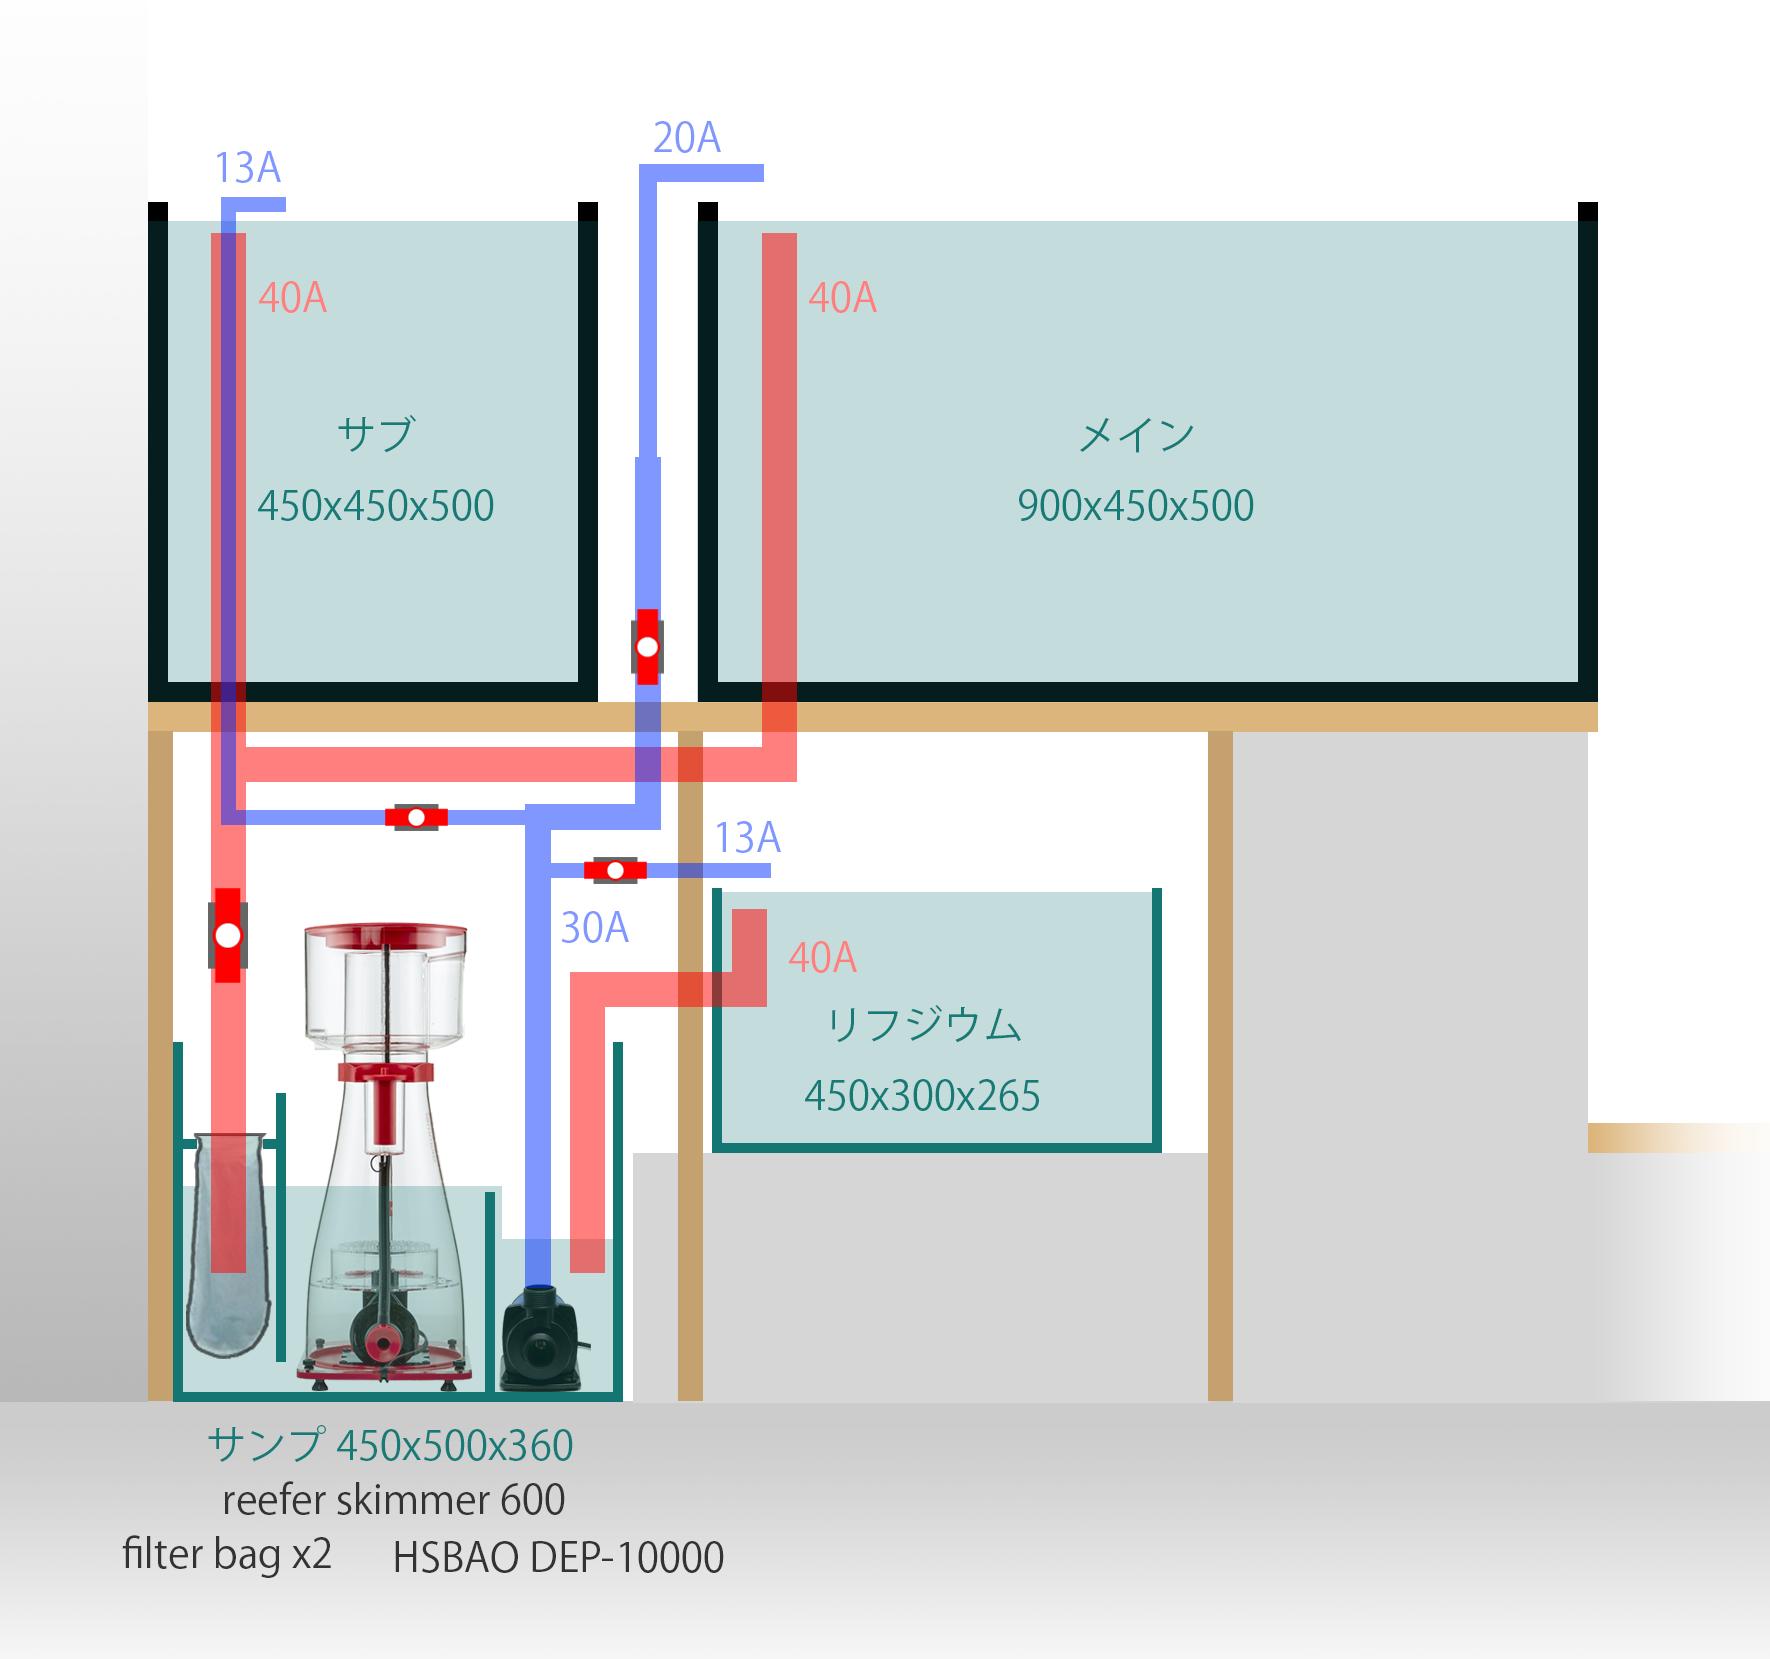 リフジウム水槽のサイドフロー化_e0200816_11572349.png